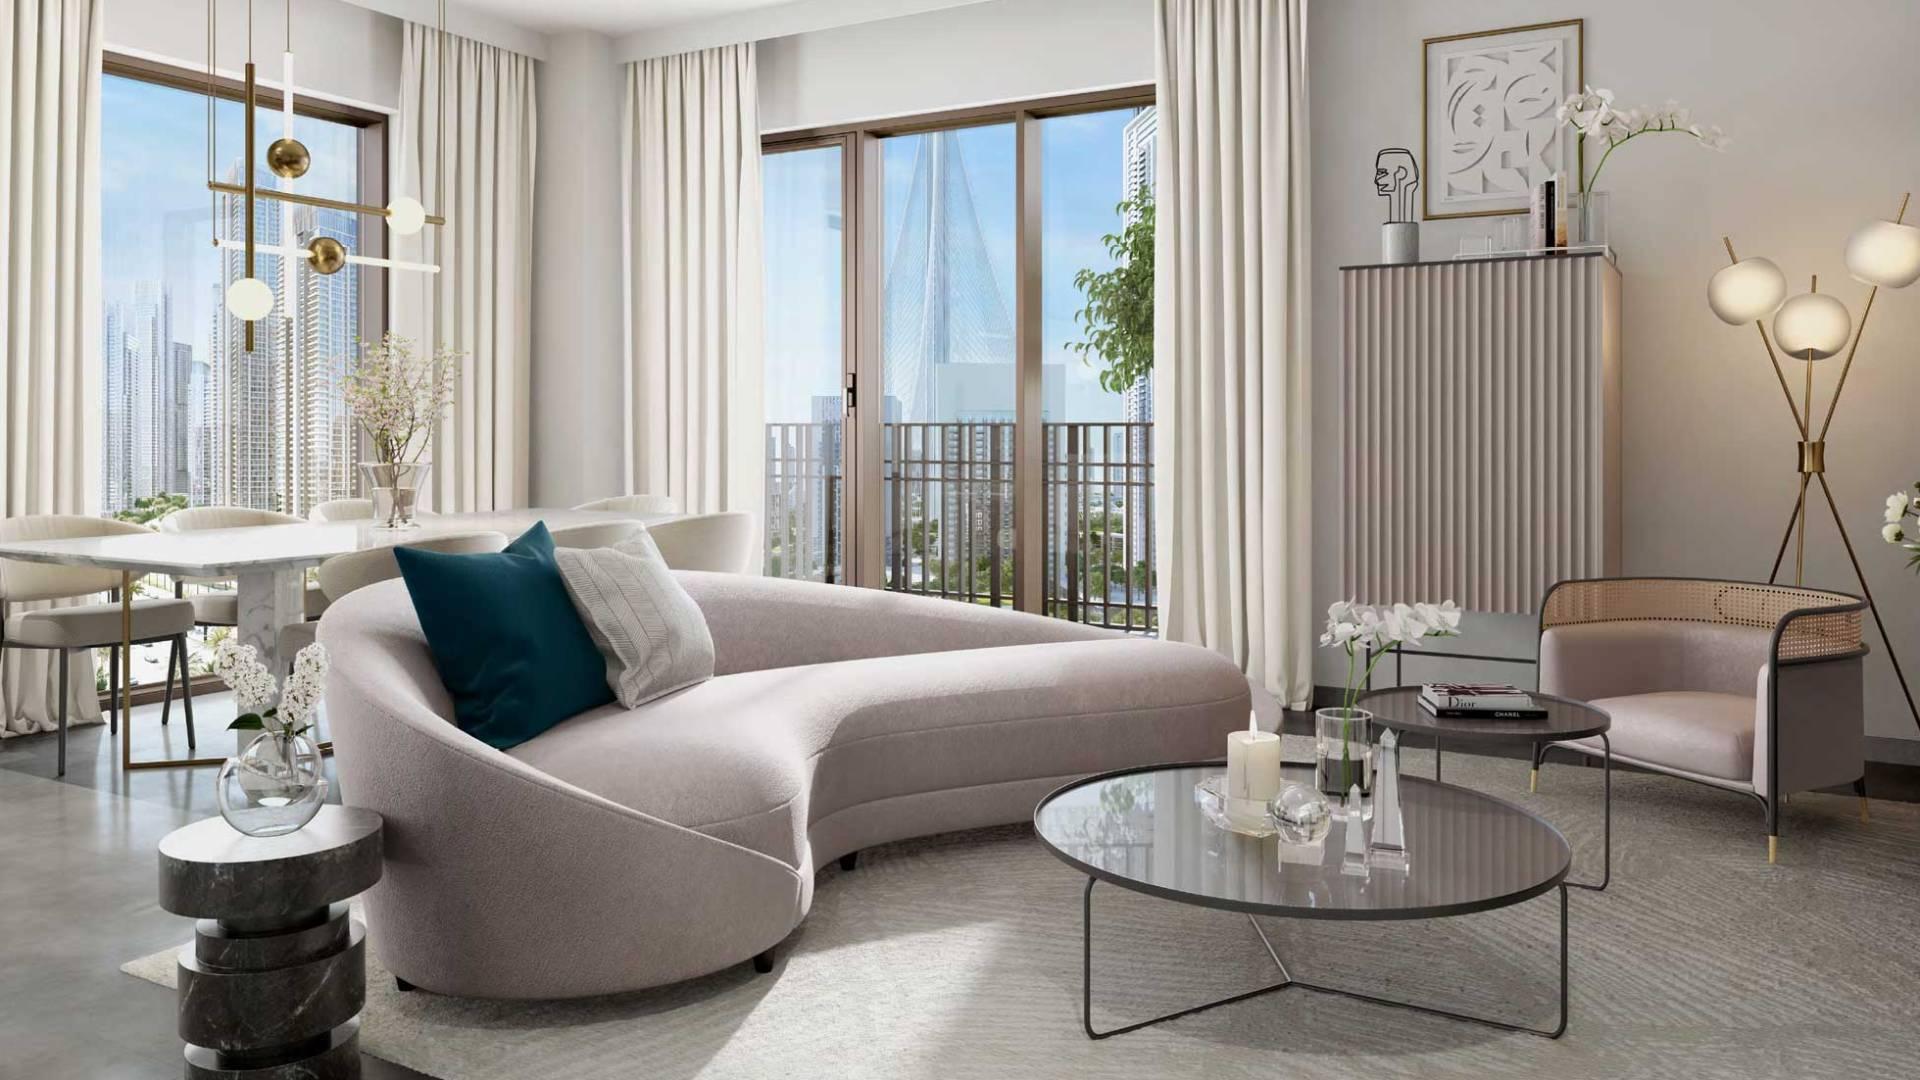 Apartamento en venta en Dubai, EAU, 3 dormitorios, 153 m2, № 24621 – foto 4